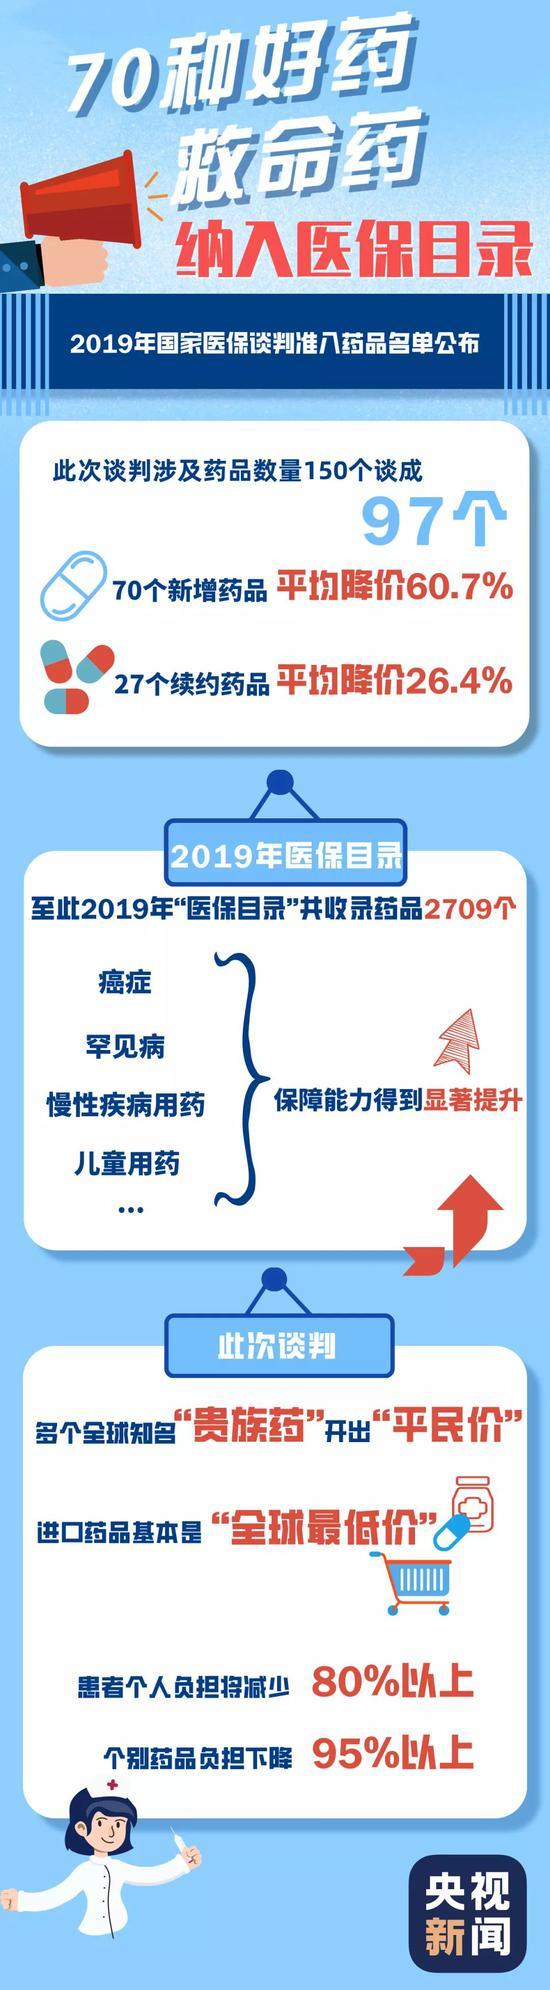 宝马上线娱乐官网欢迎您,下半年铁矿石供需整体紧平衡